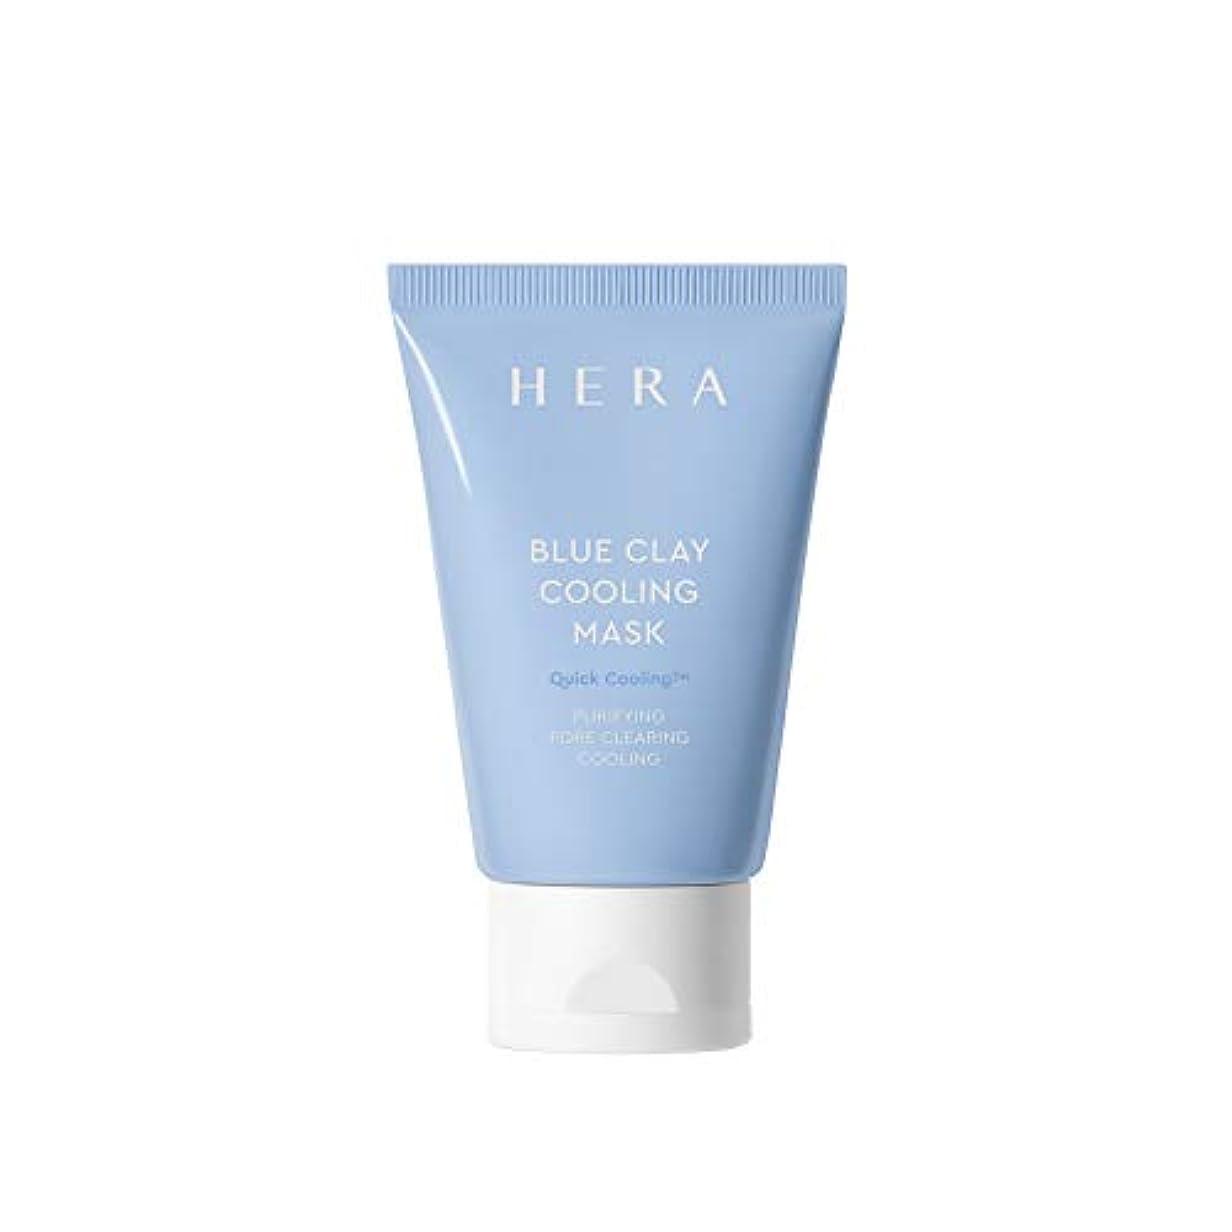 愛国的な耐久役職【HERA公式】ヘラ ブルークレイ クーリング マスク 50mL/HERA Blue Clay Cooling Mask 50mL